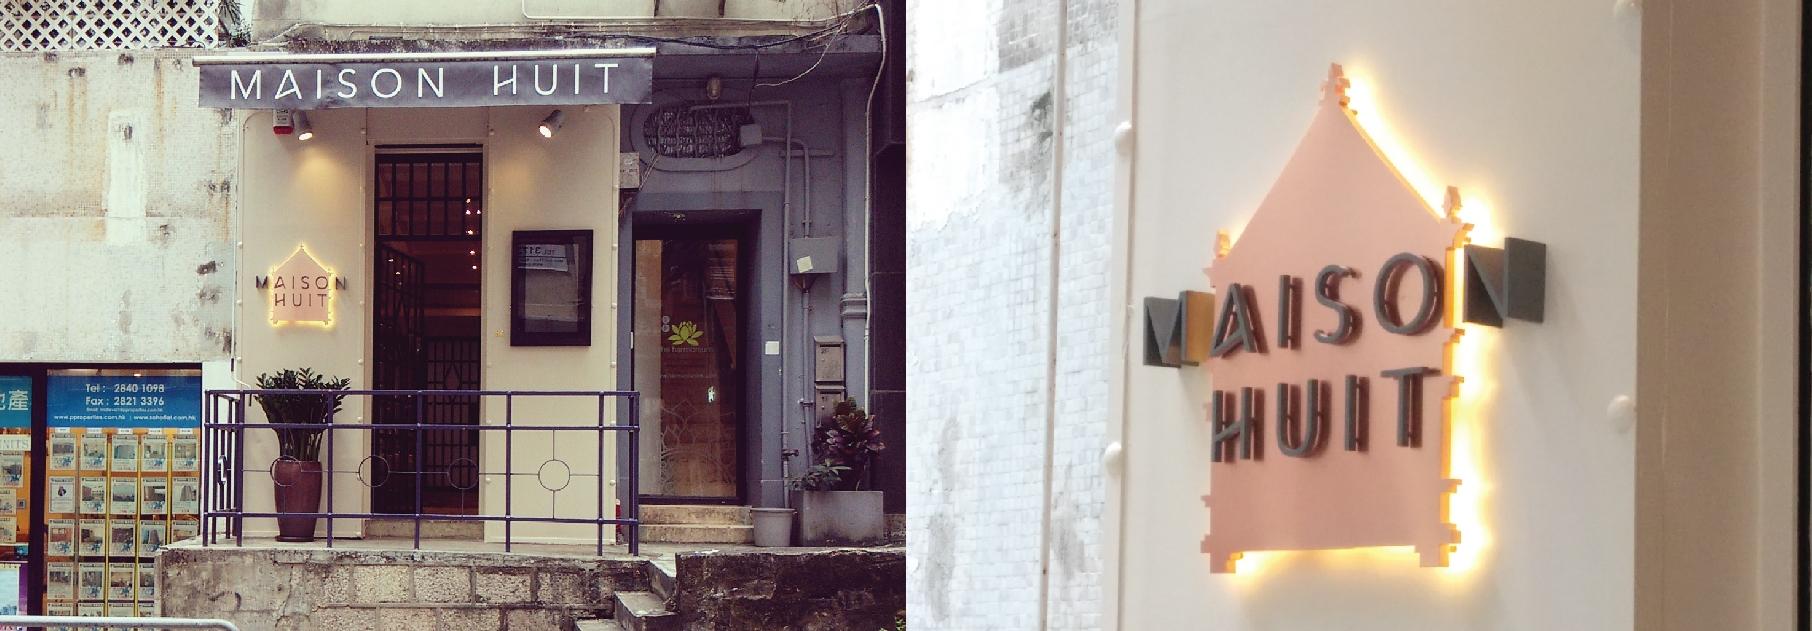 Maison Huit cover image | Hong Kong | Travelshopa